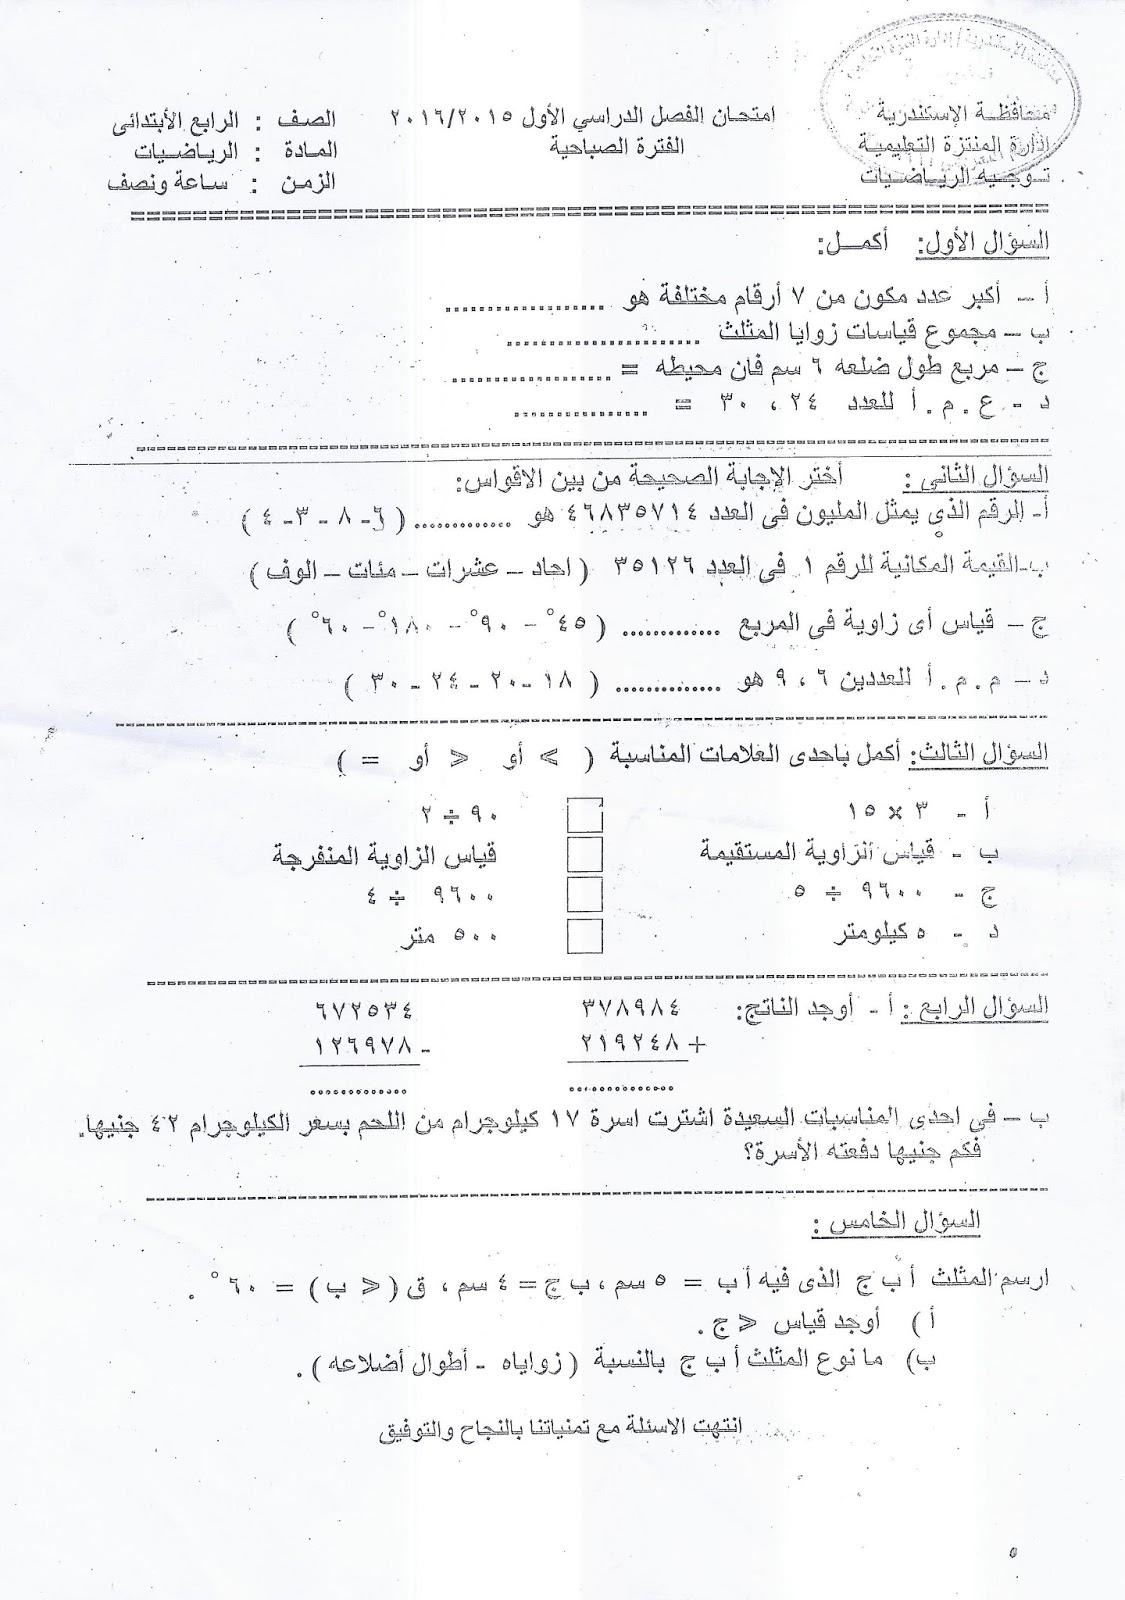 أمتحان الرياضيات